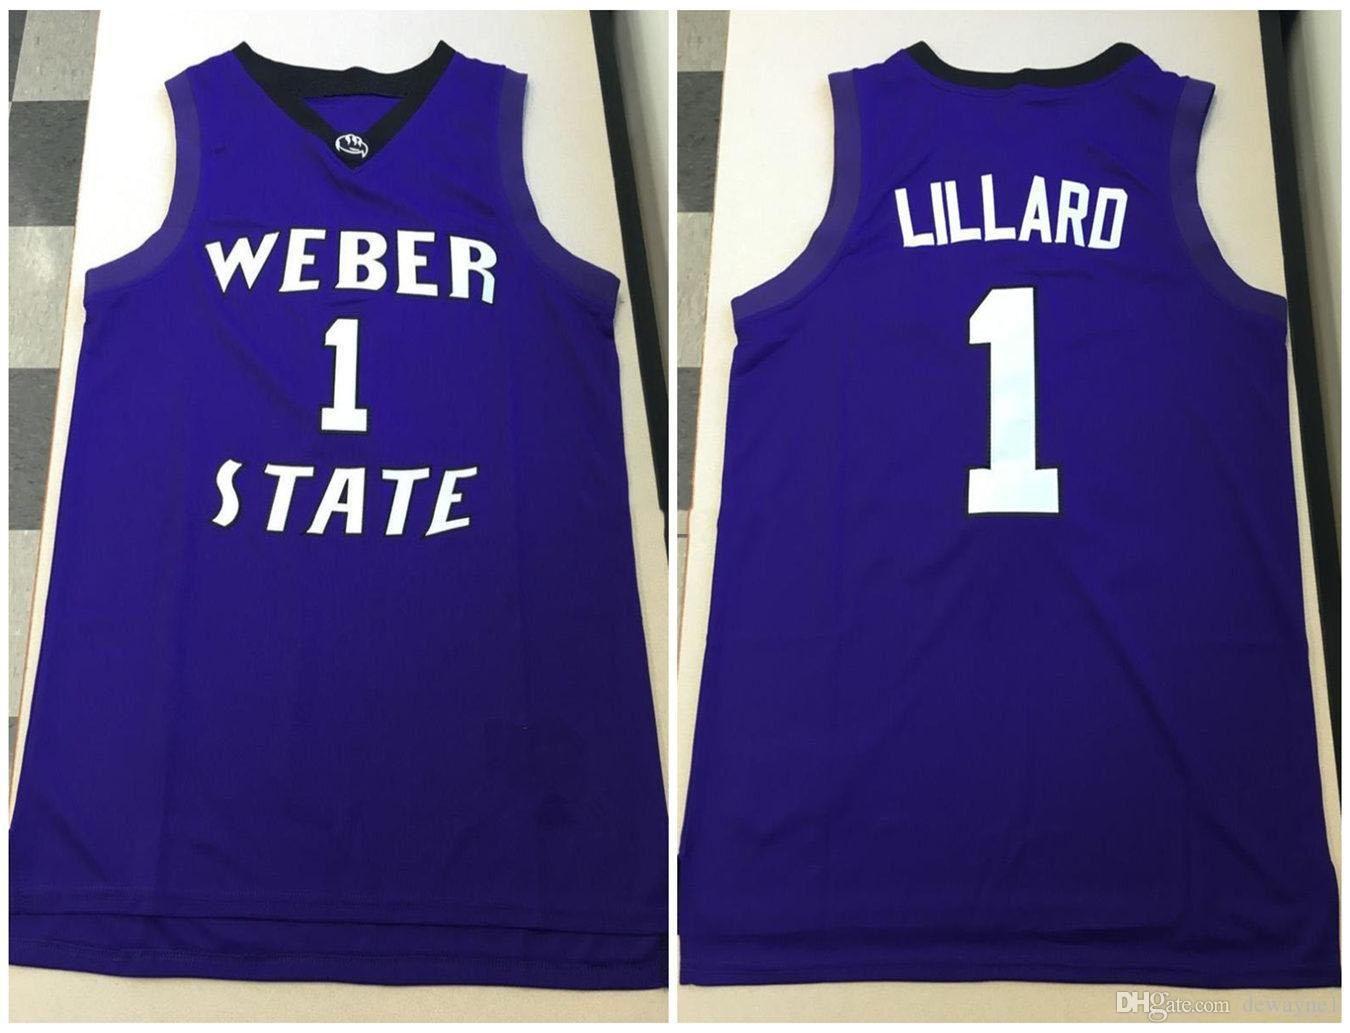 Weber State Wildcats College Damian Lillard # 1 Basketball Jersey Mens Nähte Benutzerdefinierte Nummernname Trikots